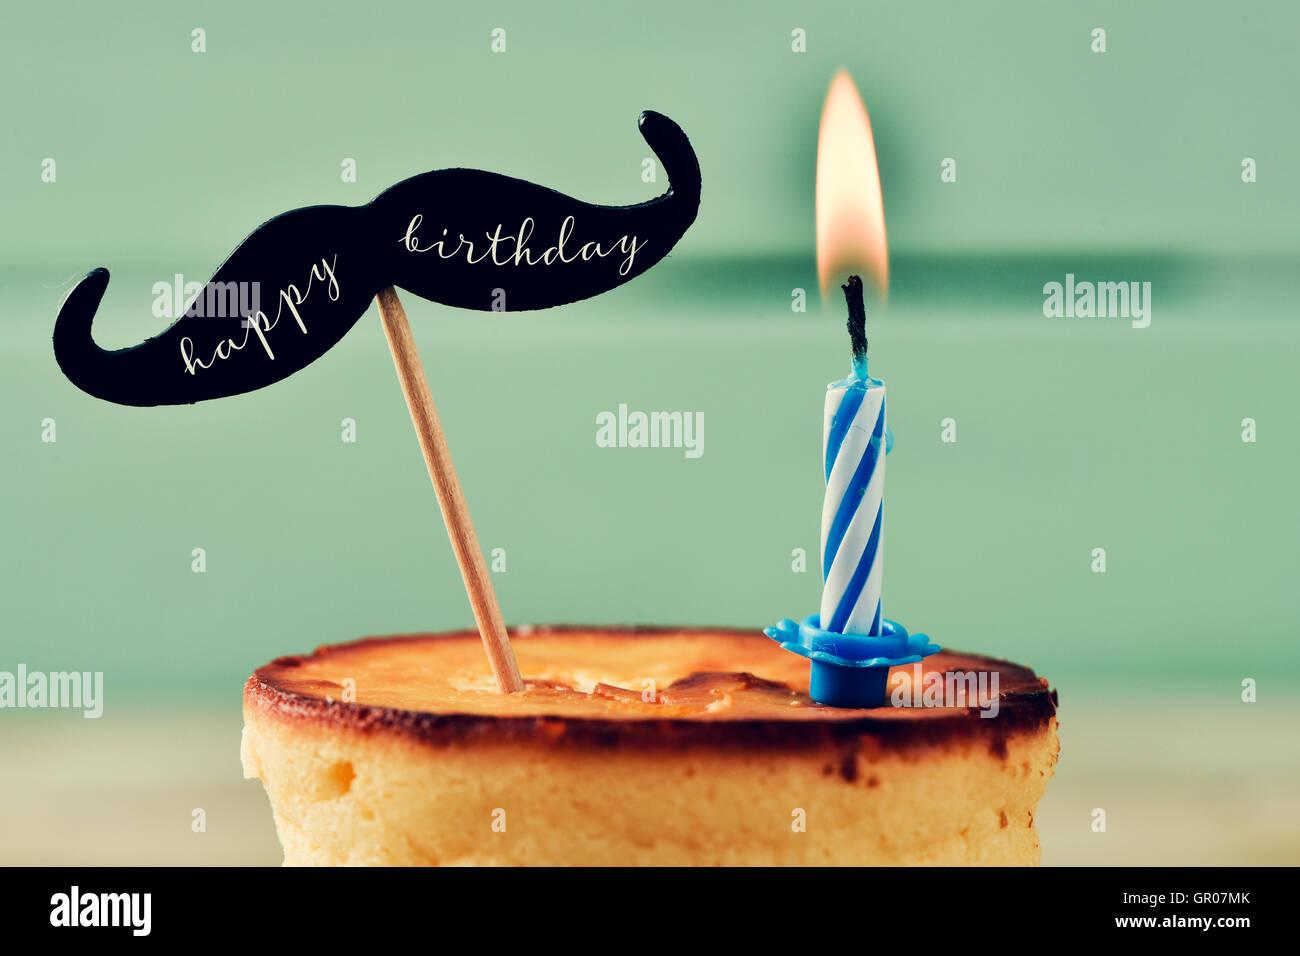 Primer plano de un cheesecake rematado con un bigote con el texto escrito en él feliz cumpleaños y acoplado Imagen De Stock